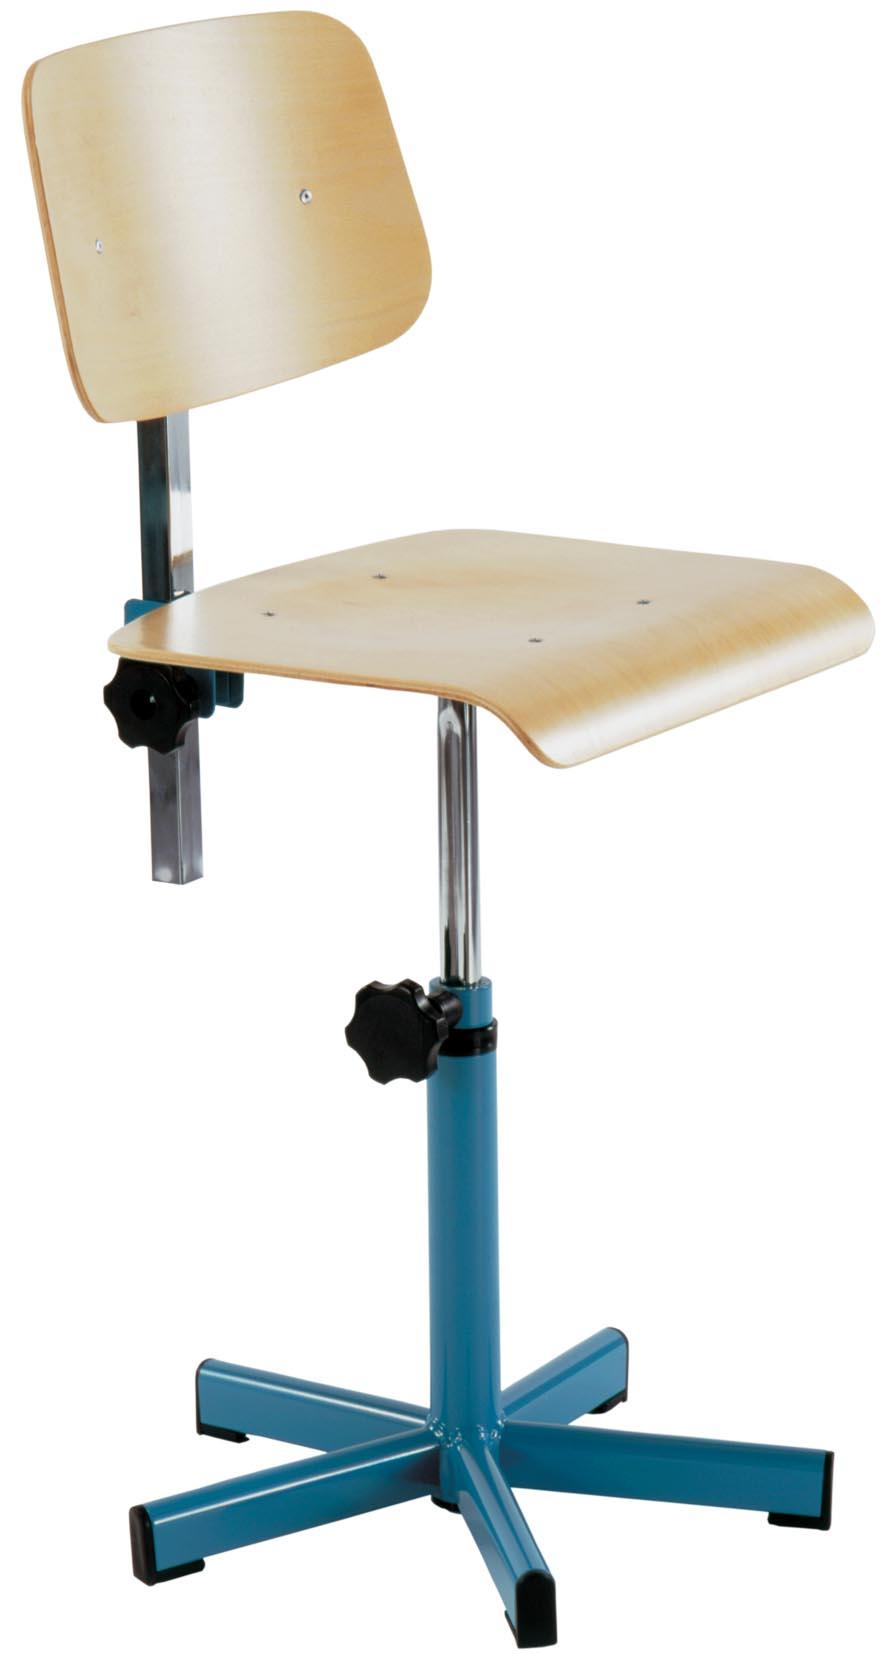 Chaise dessinateur bois table de lit a roulettes - Chaise de dessinateur ...